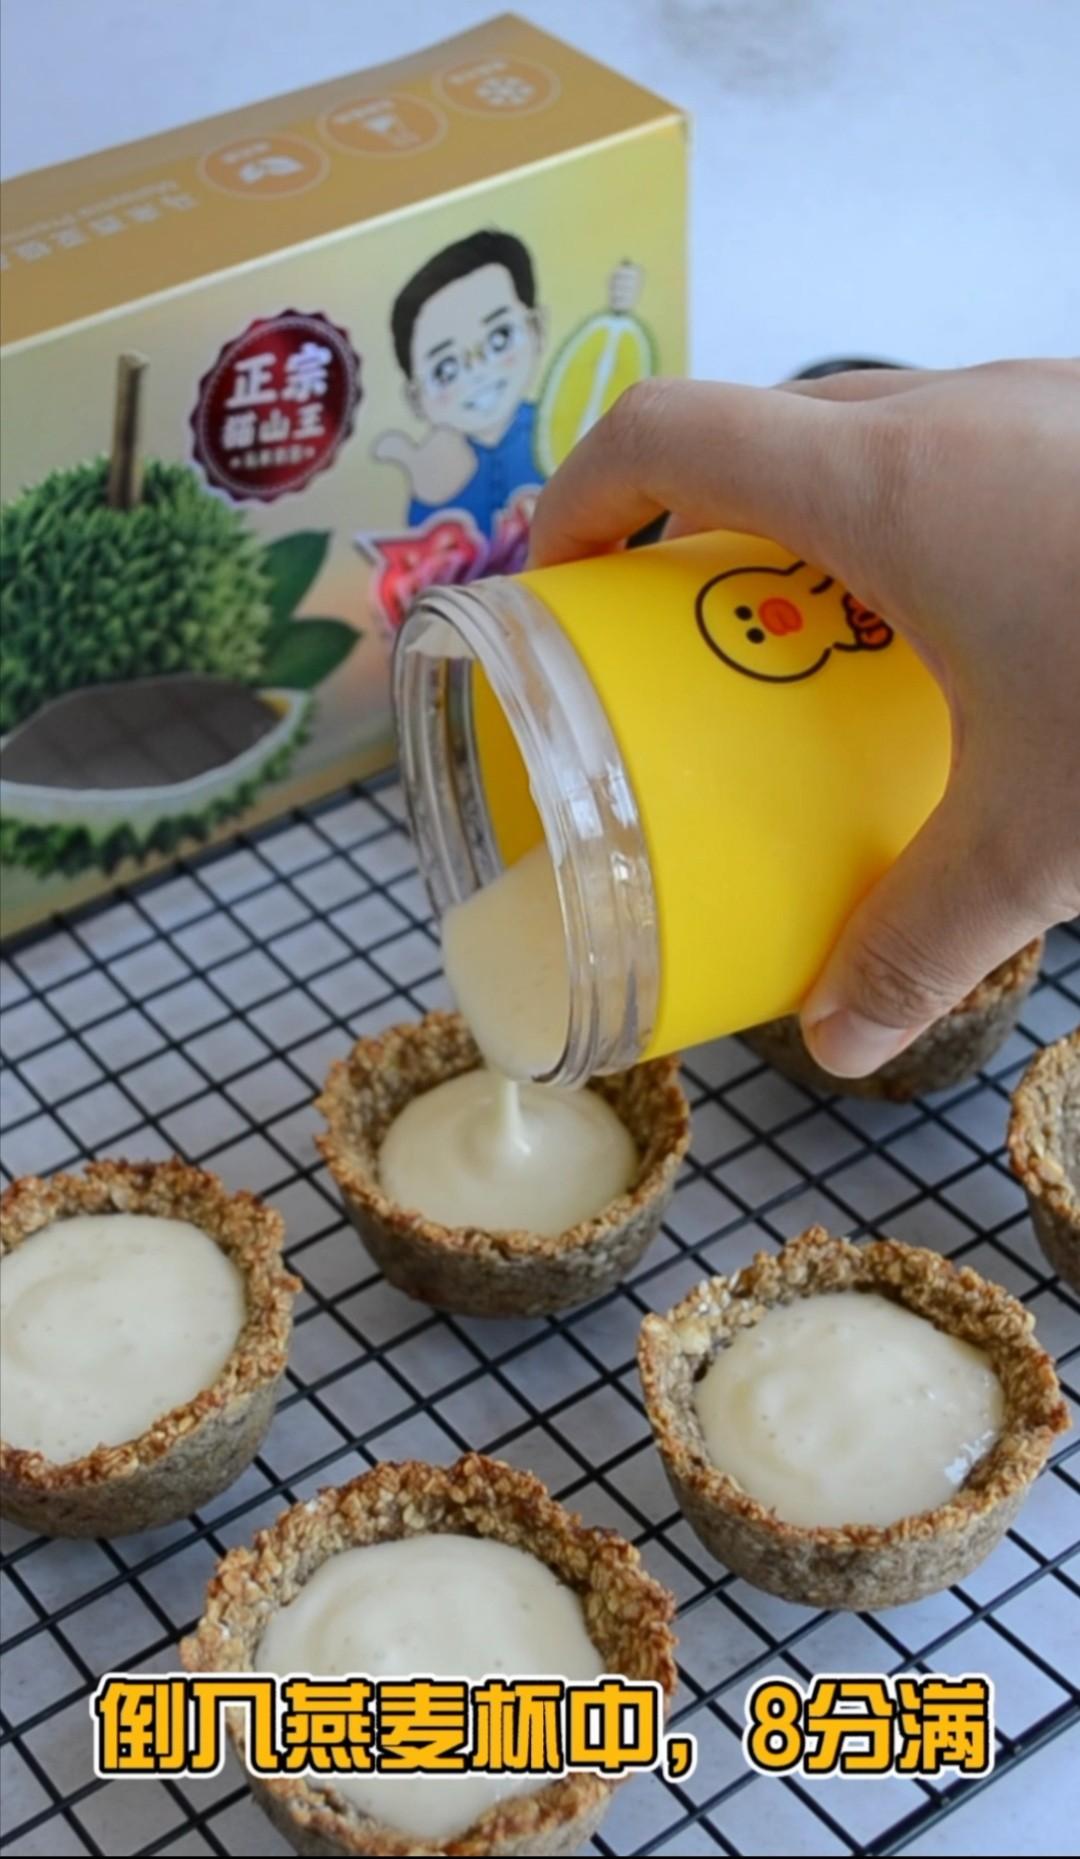 燕麦榴莲酸奶杯怎么炒